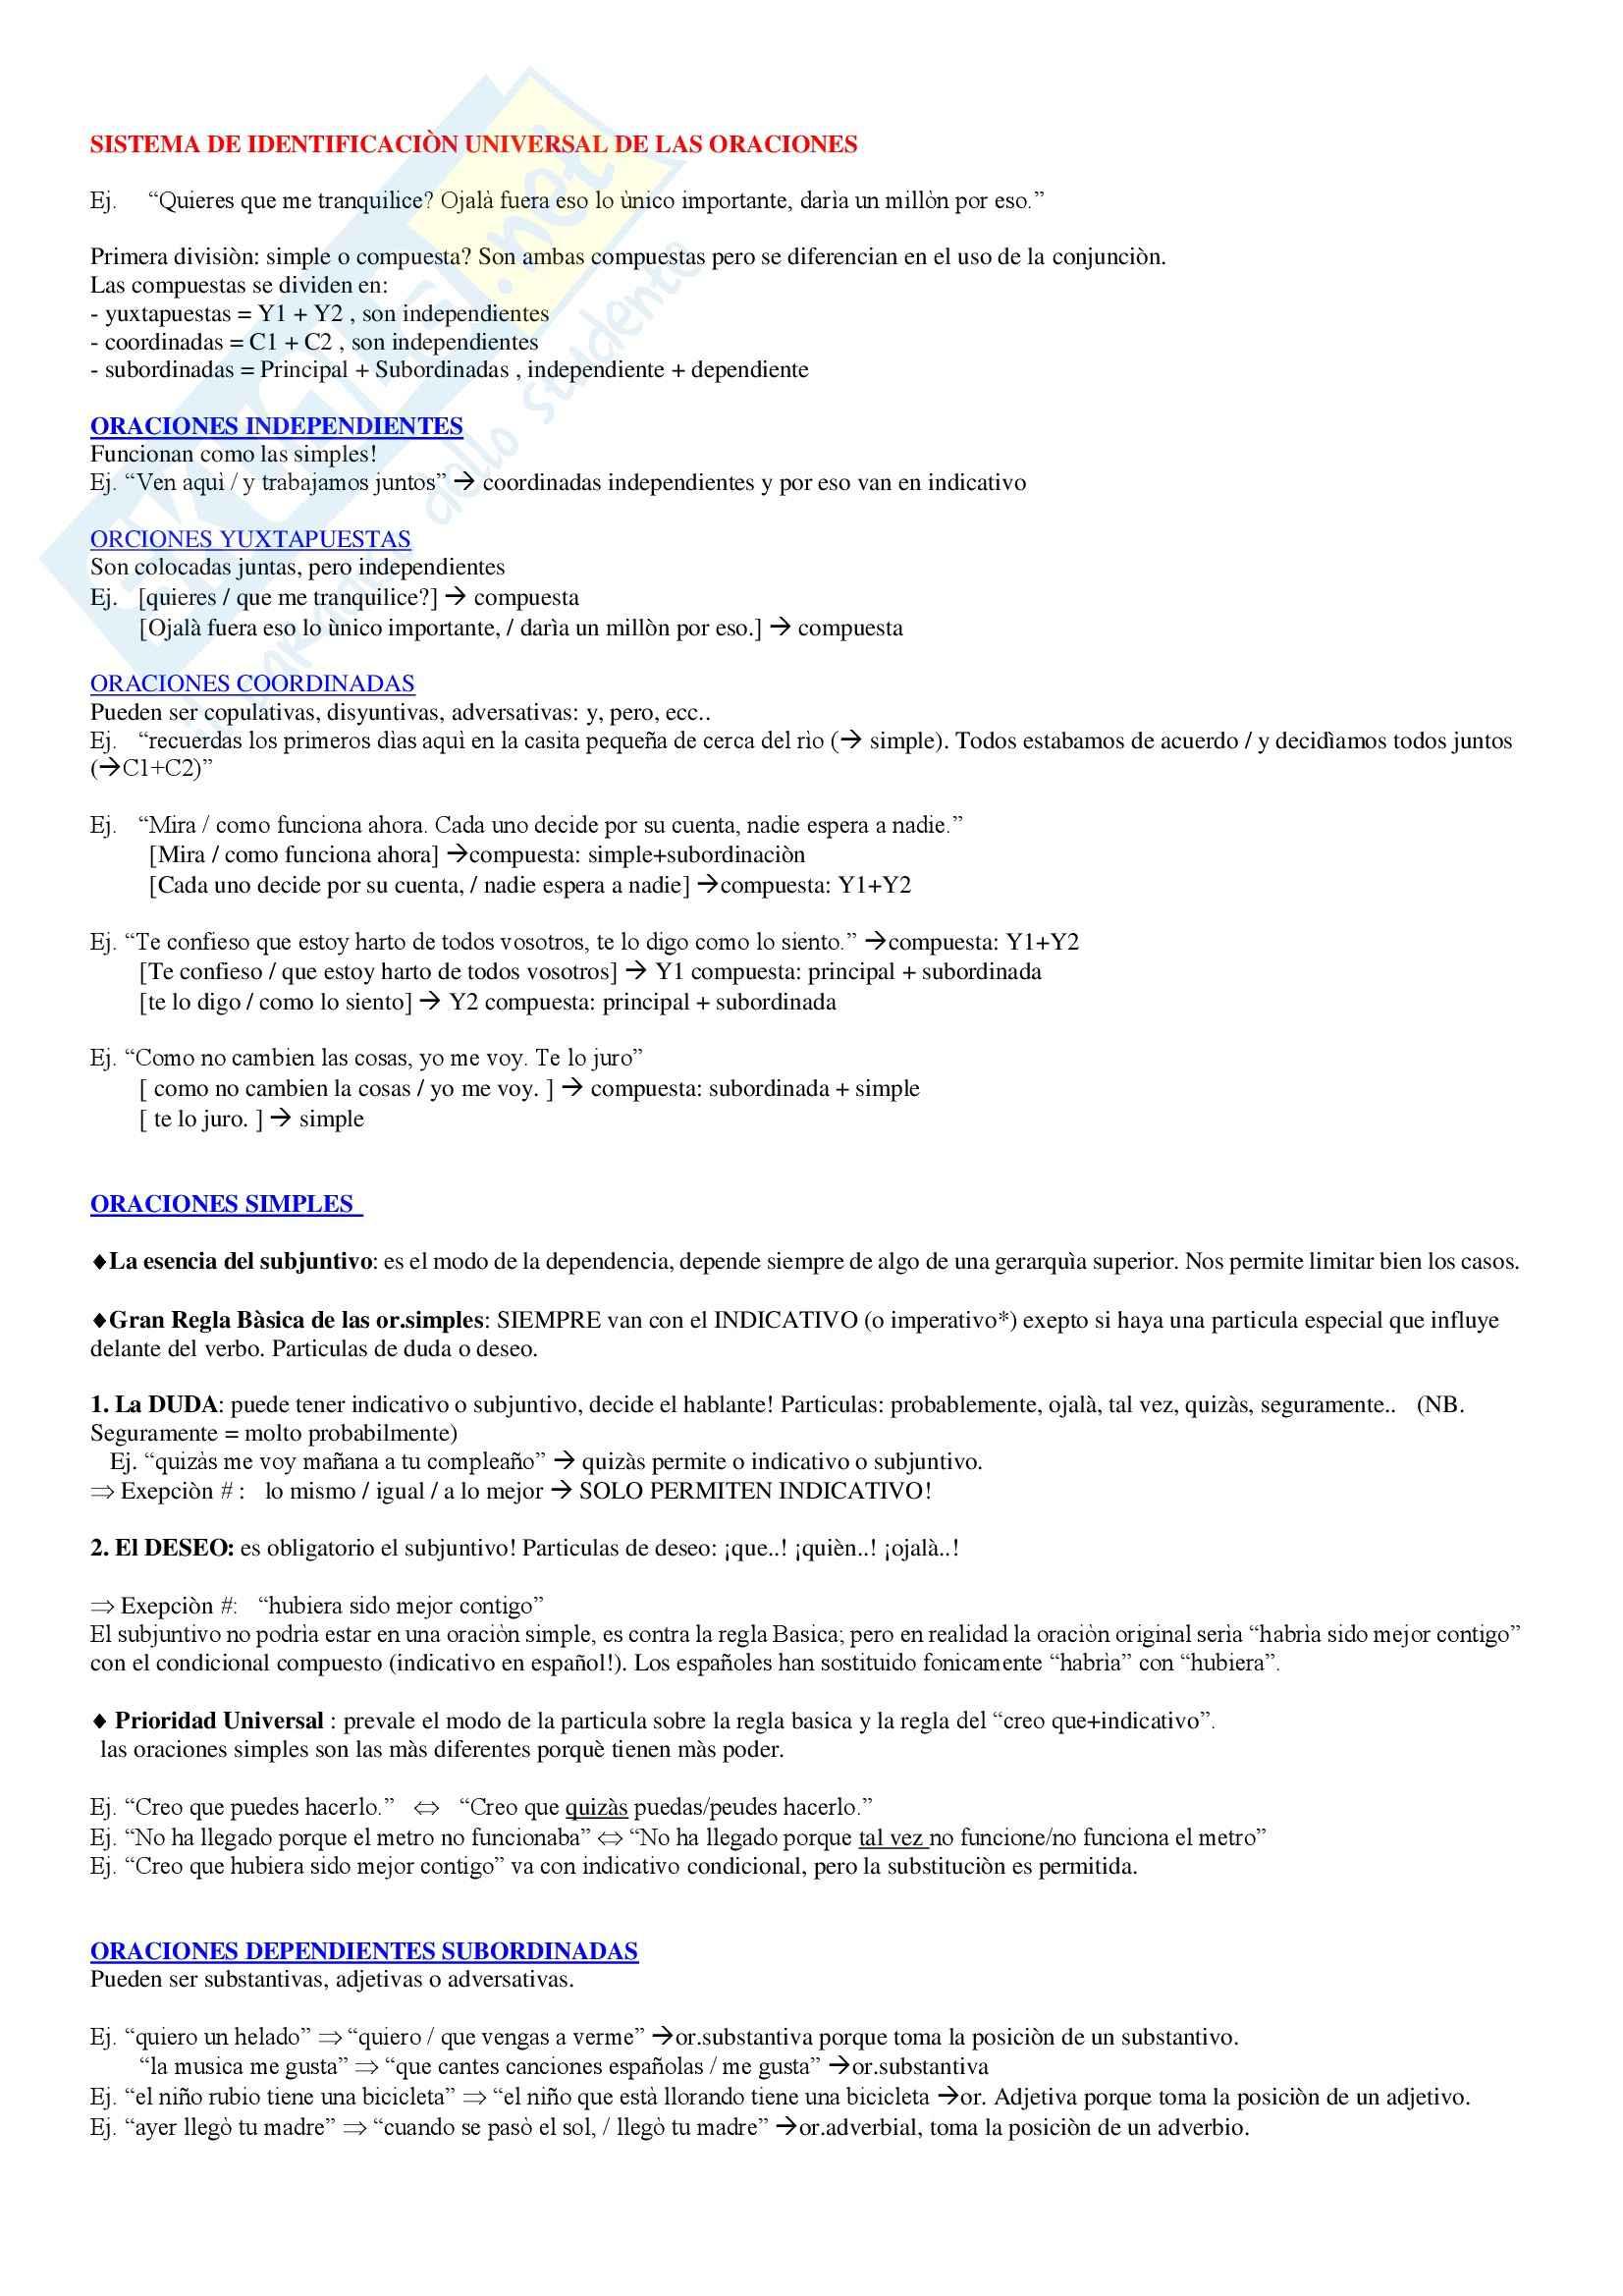 Lingua spagnola - Sistema de identificaciòn universal de las oraciones